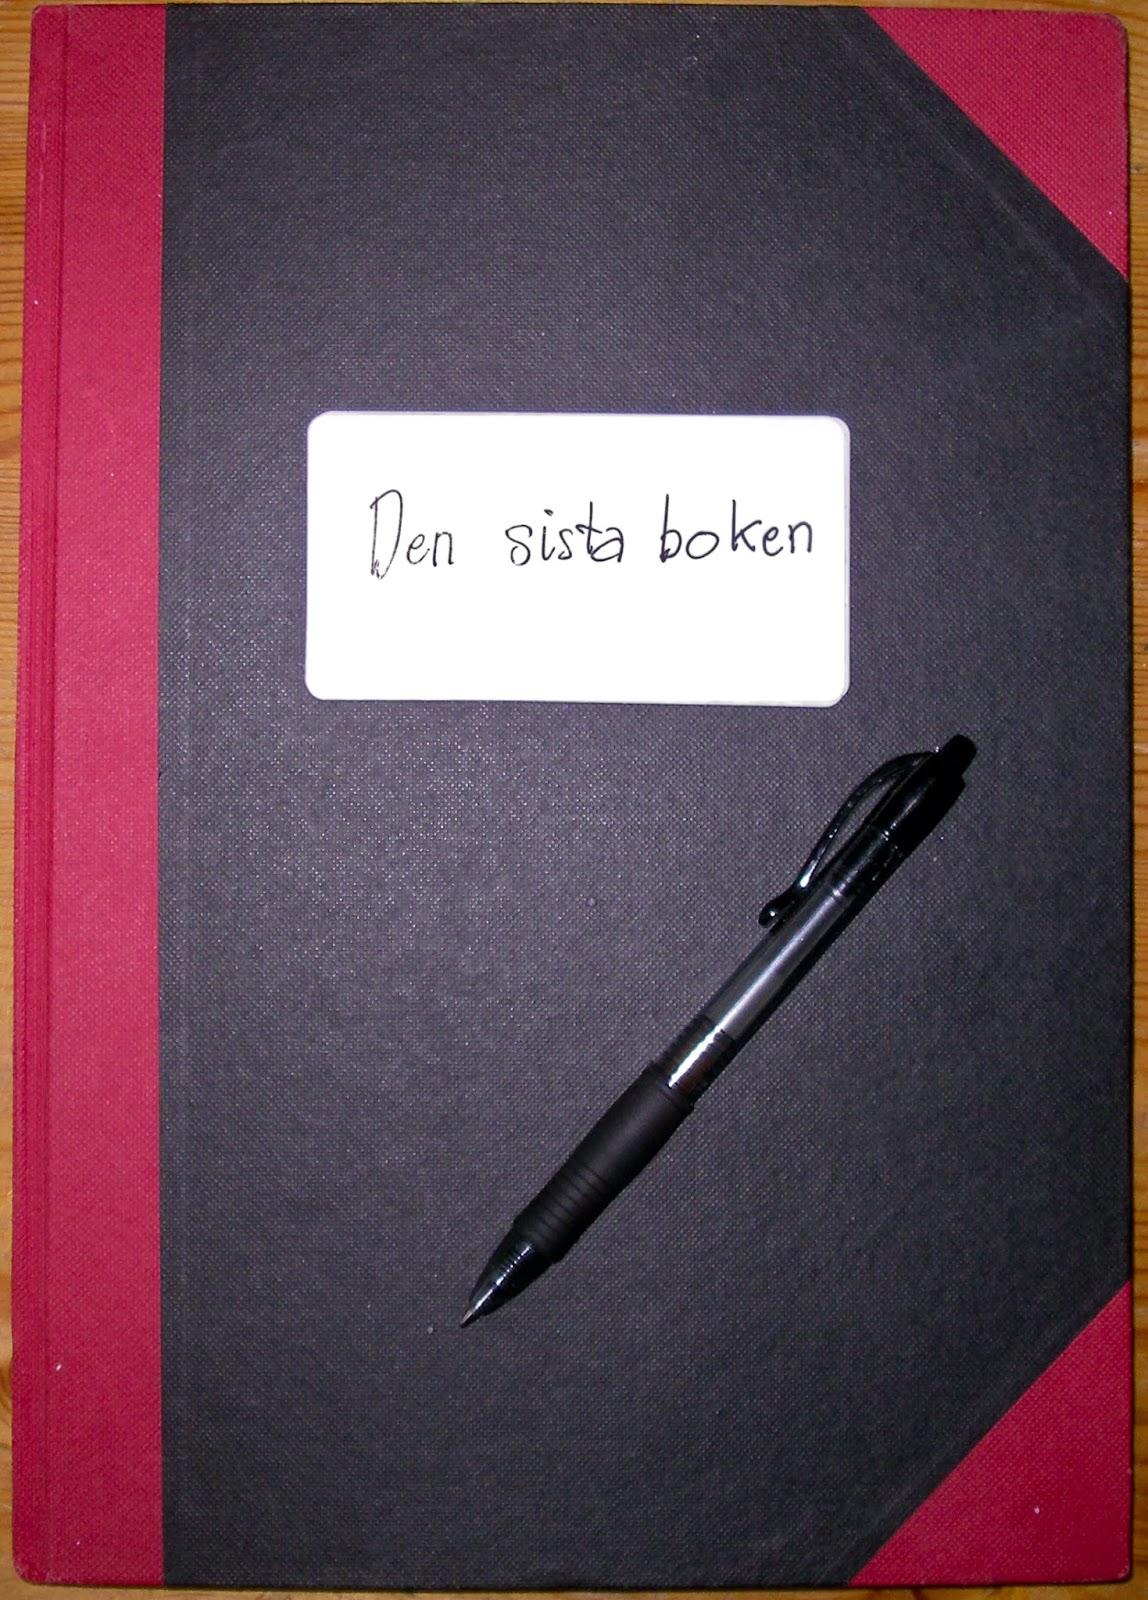 http://texterdaochnu.blogspot.se/2014/01/jag-tankte-att-det-forsta-ordet-borde.html